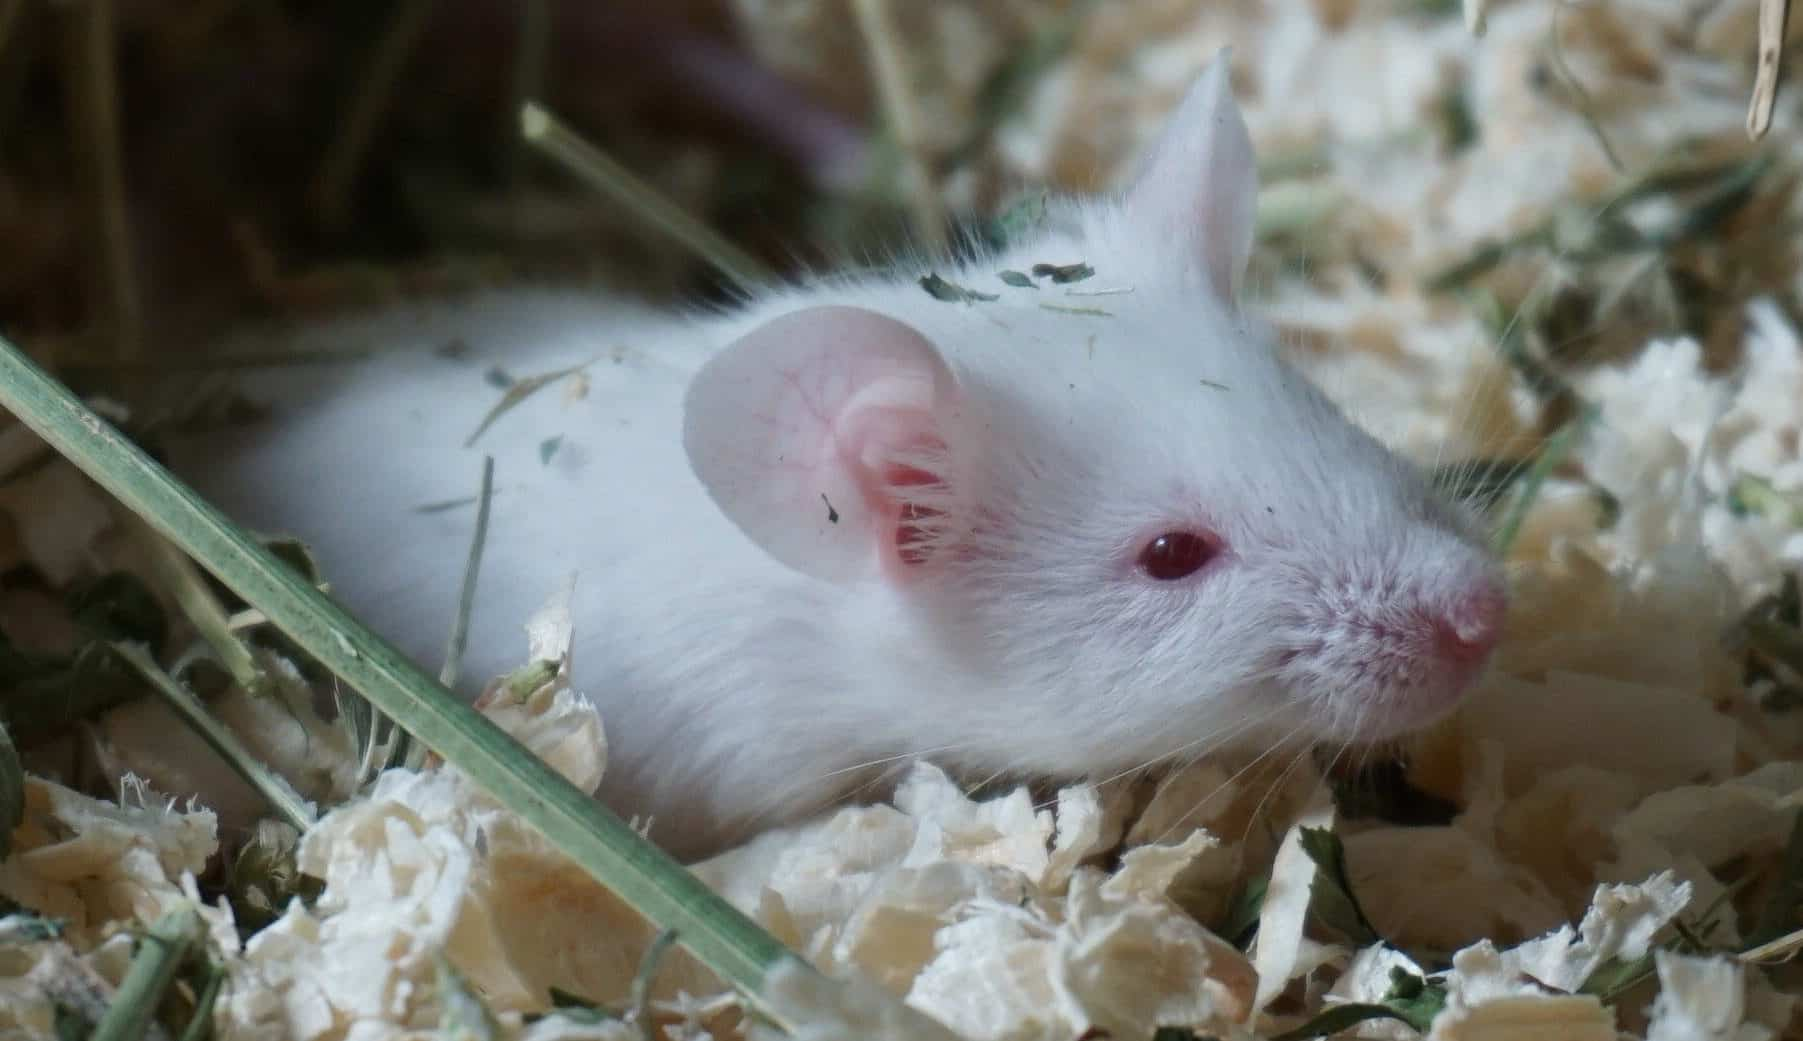 Eine weiße Maus liegt im Heu.